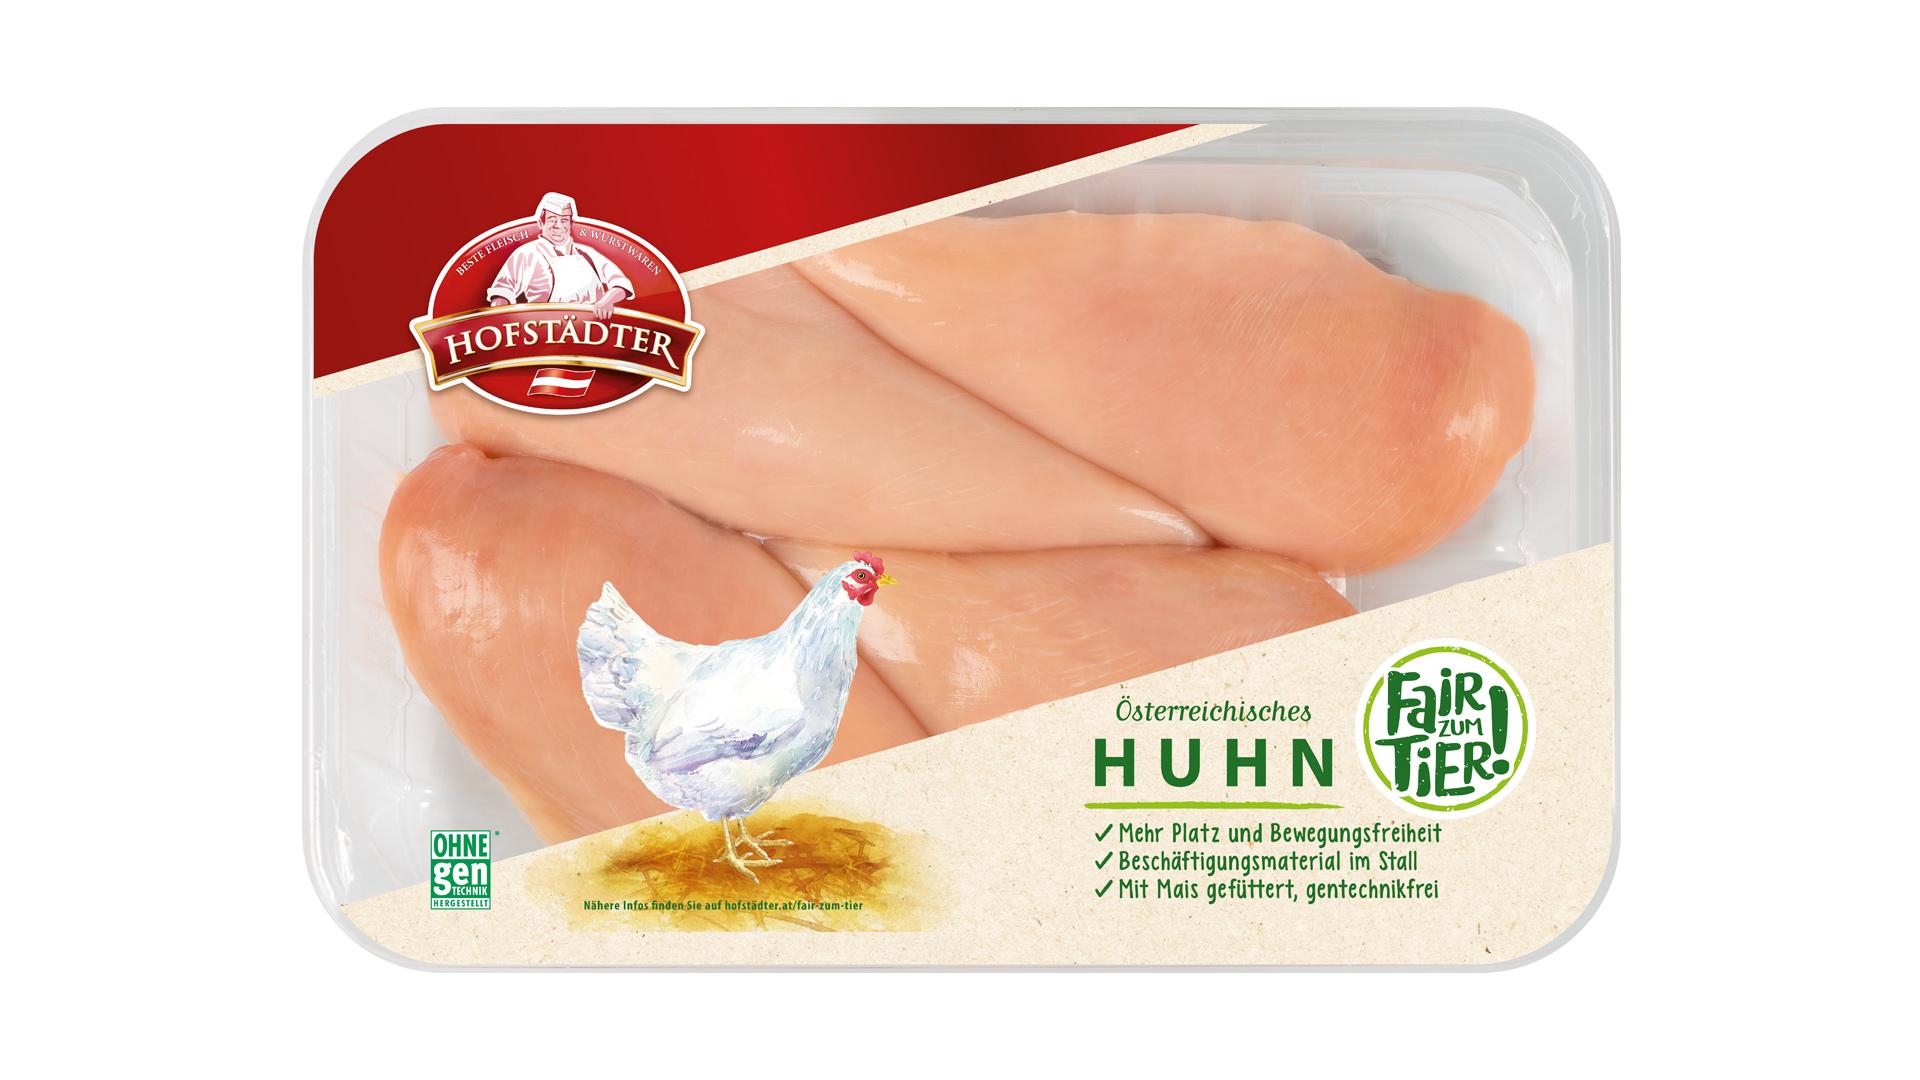 Hofstädter Hühnerfilets 4 Stück